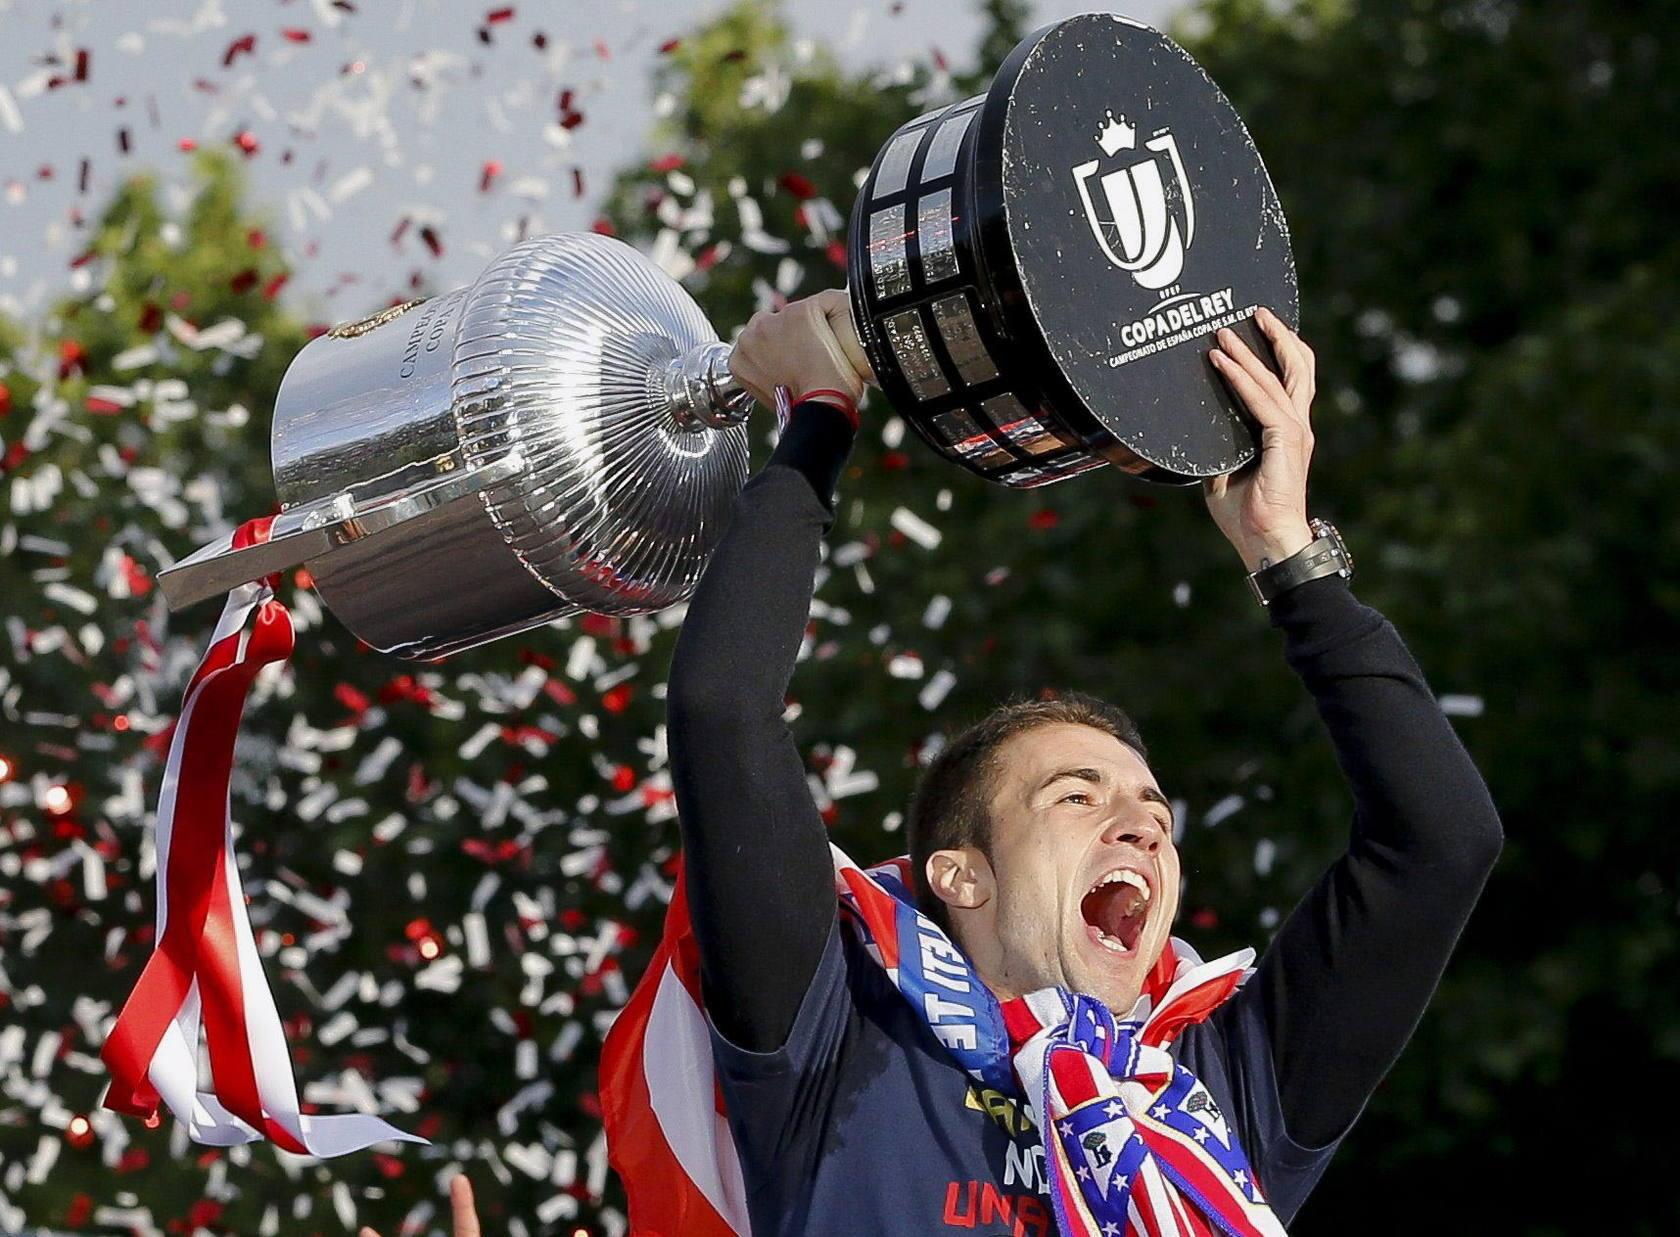 El Atlético celebra la Copa del Rey con sus aficionados